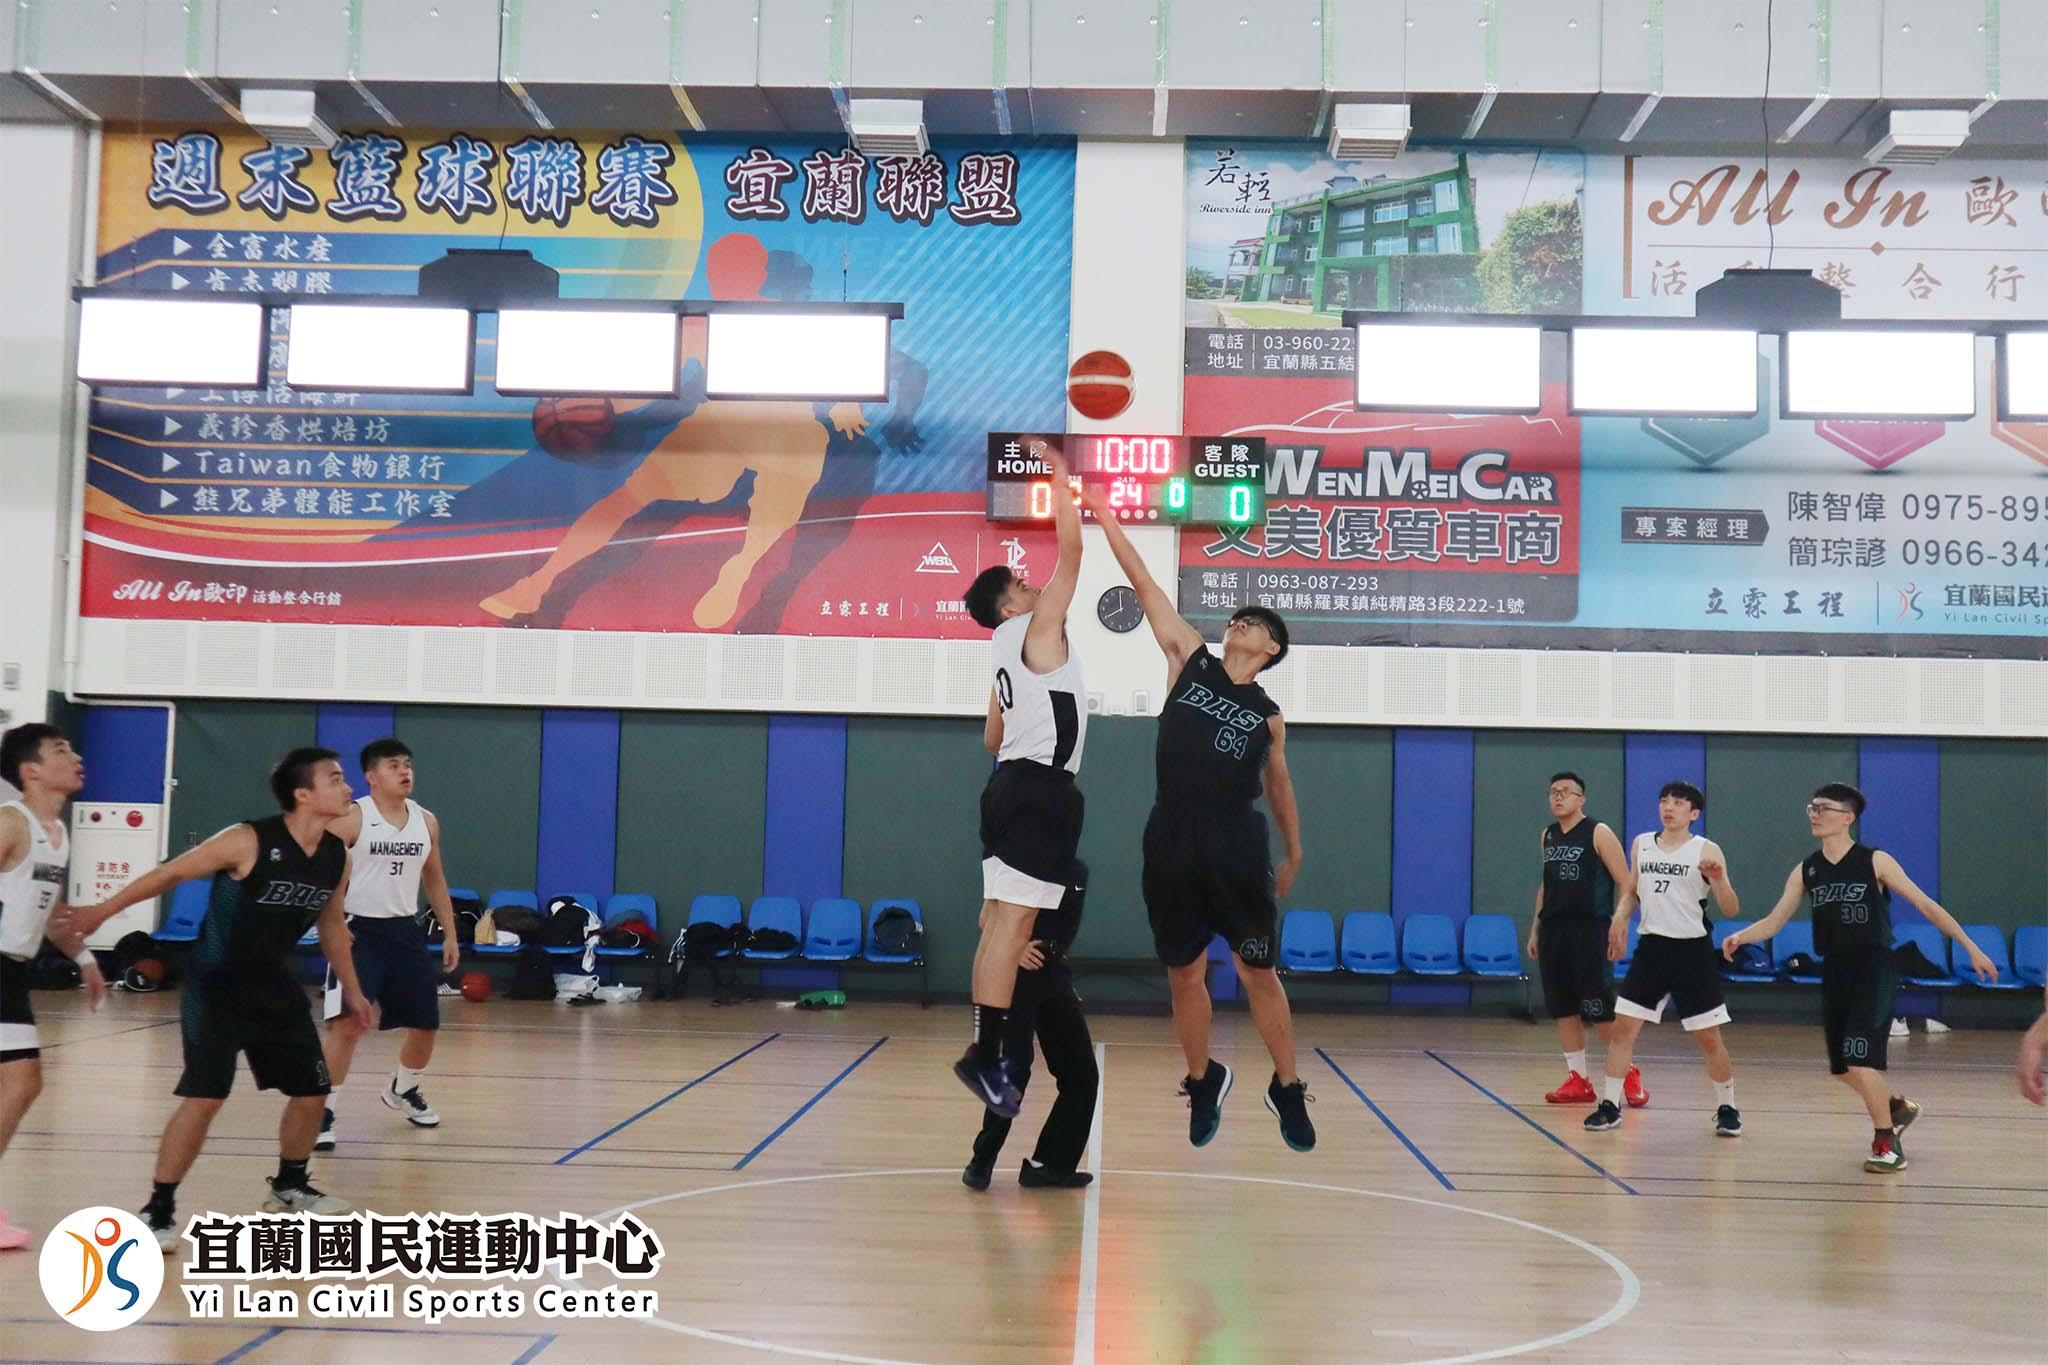 不定期舉辦籃球賽事(JPG)